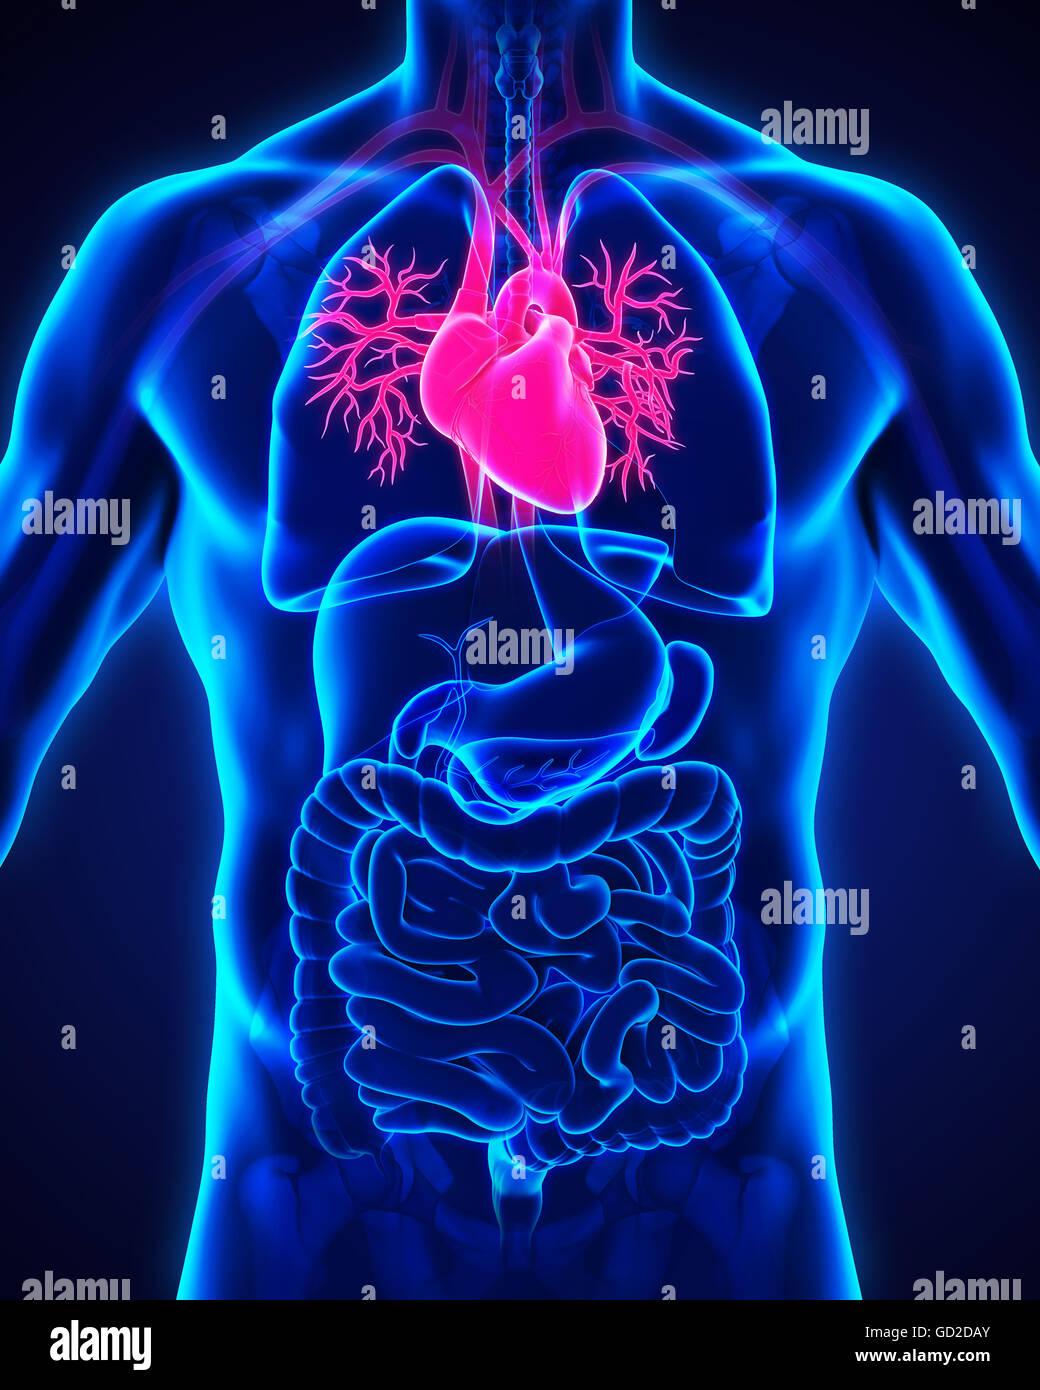 Anatomie des menschlichen Herzens Stockfoto, Bild: 111307139 - Alamy